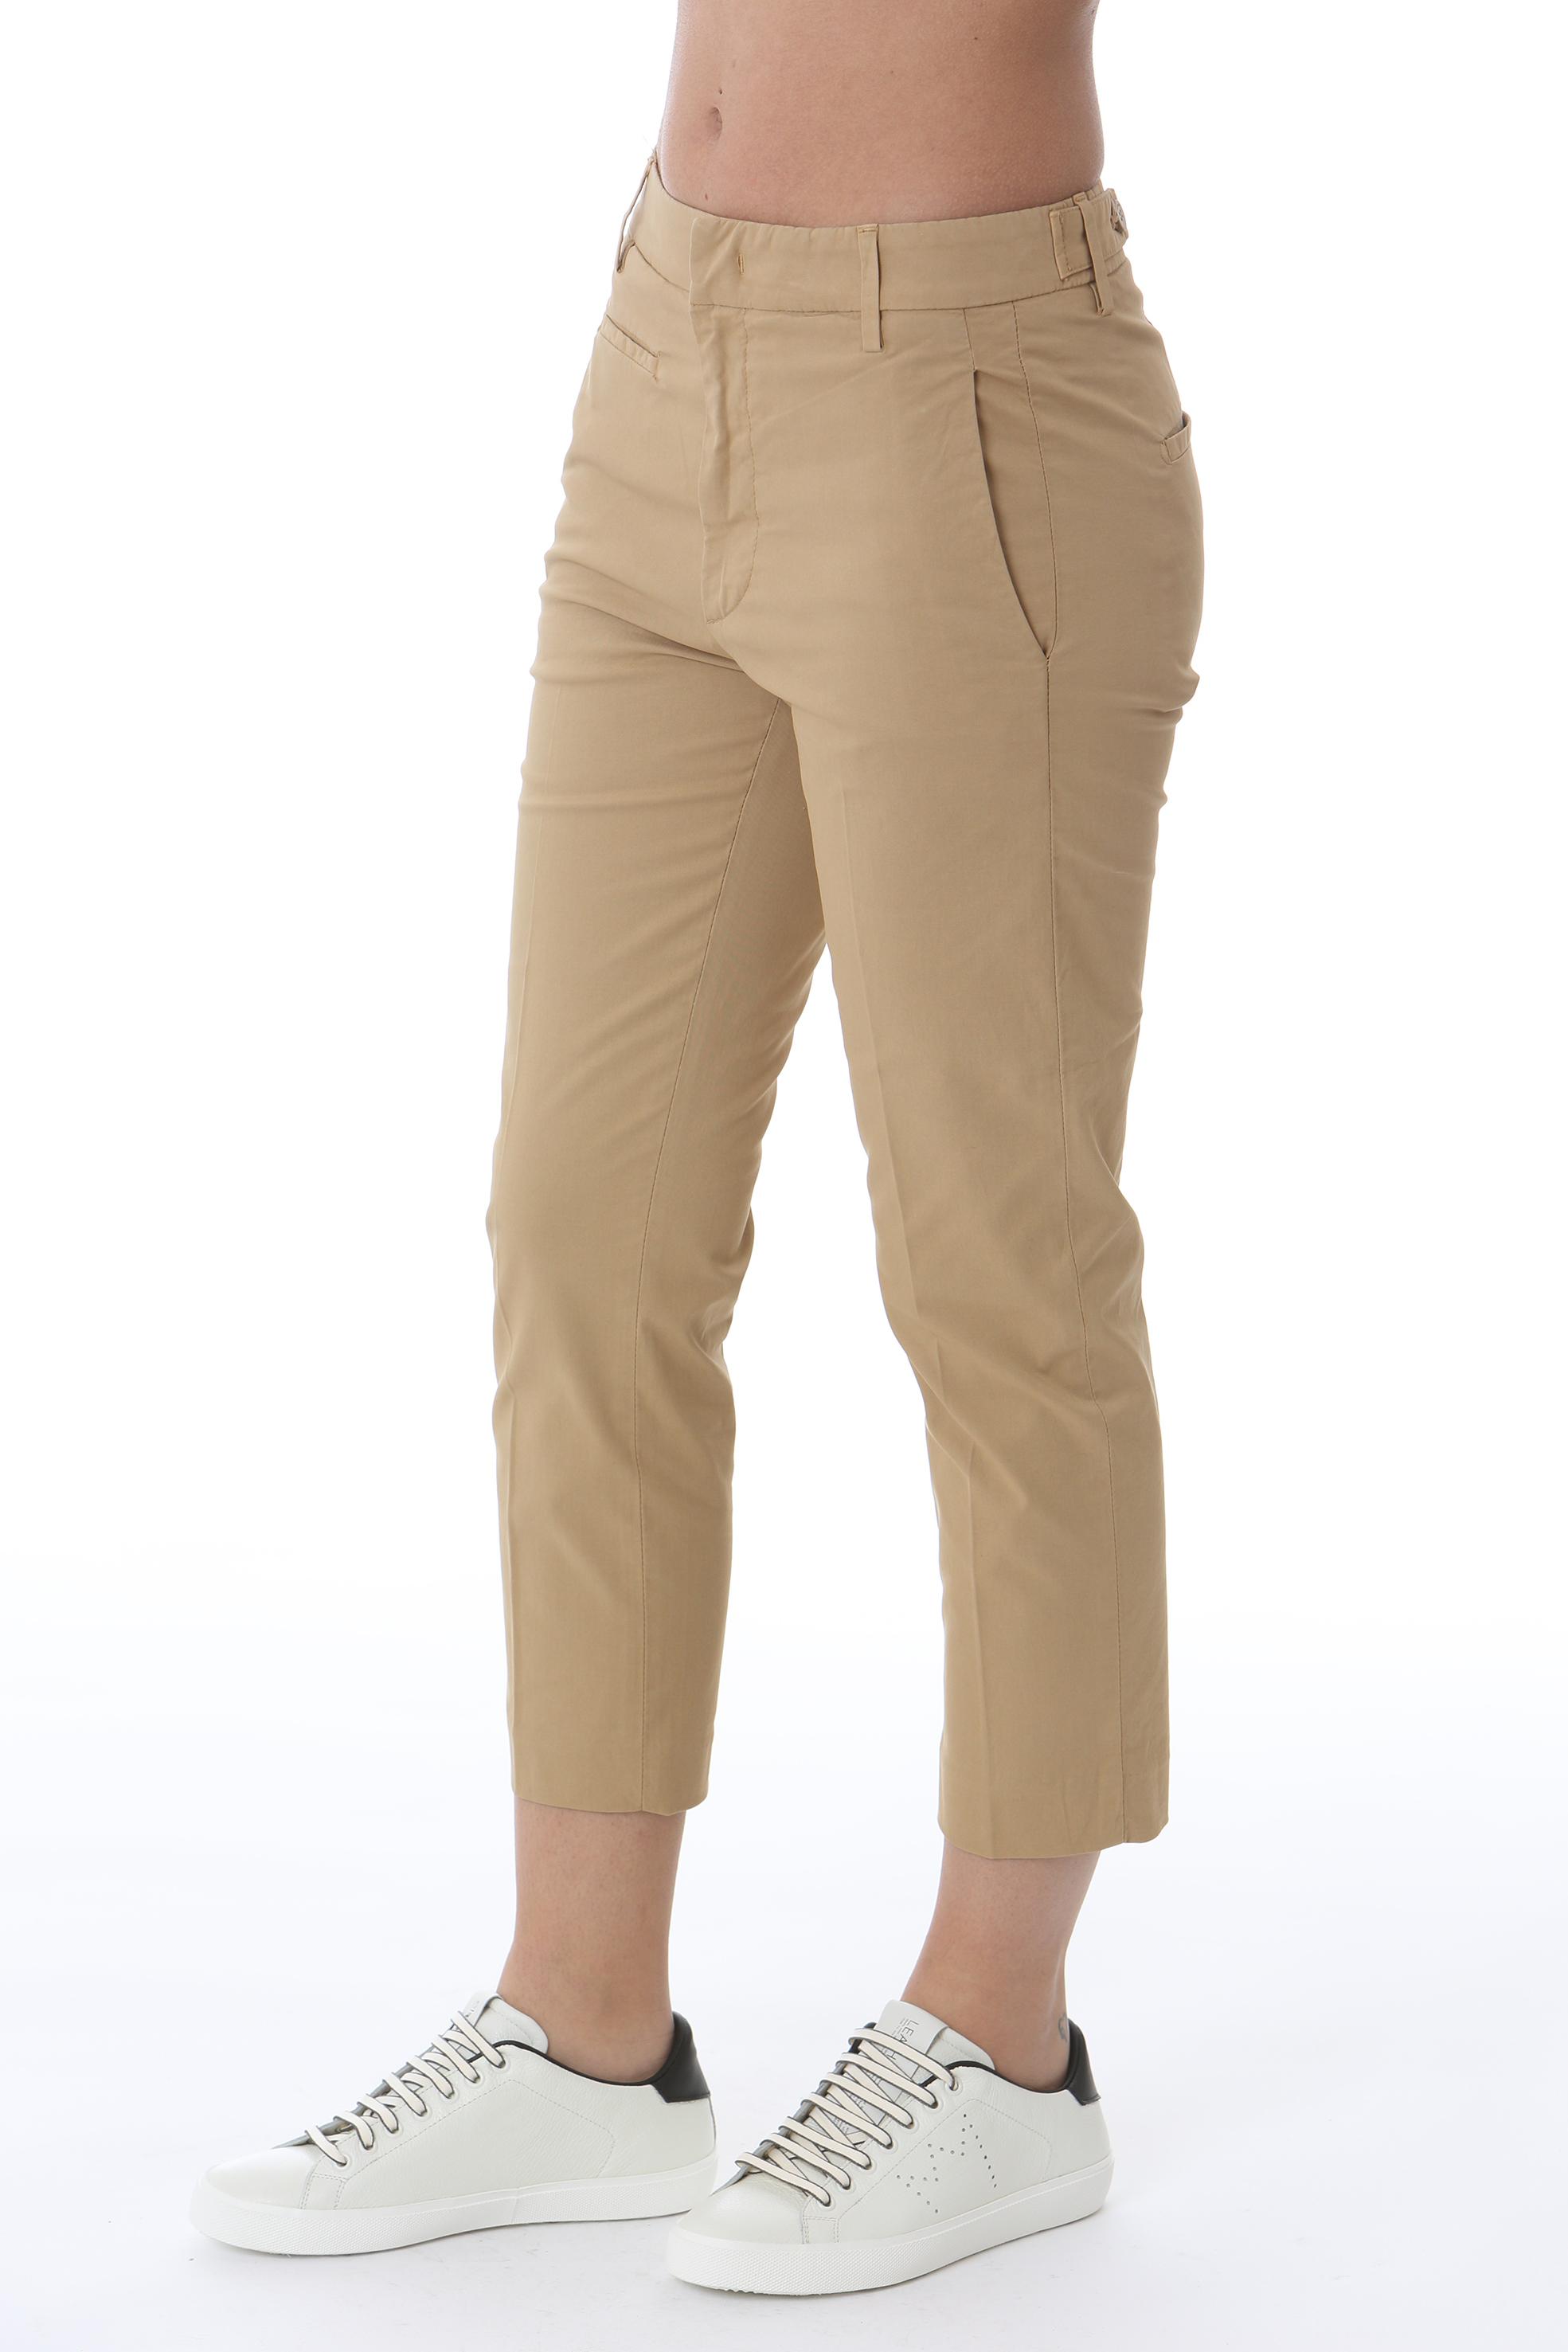 PANTALONE ARIEL DON DUP | Pantaloni | DP475GSE046PTD-ARIEL026